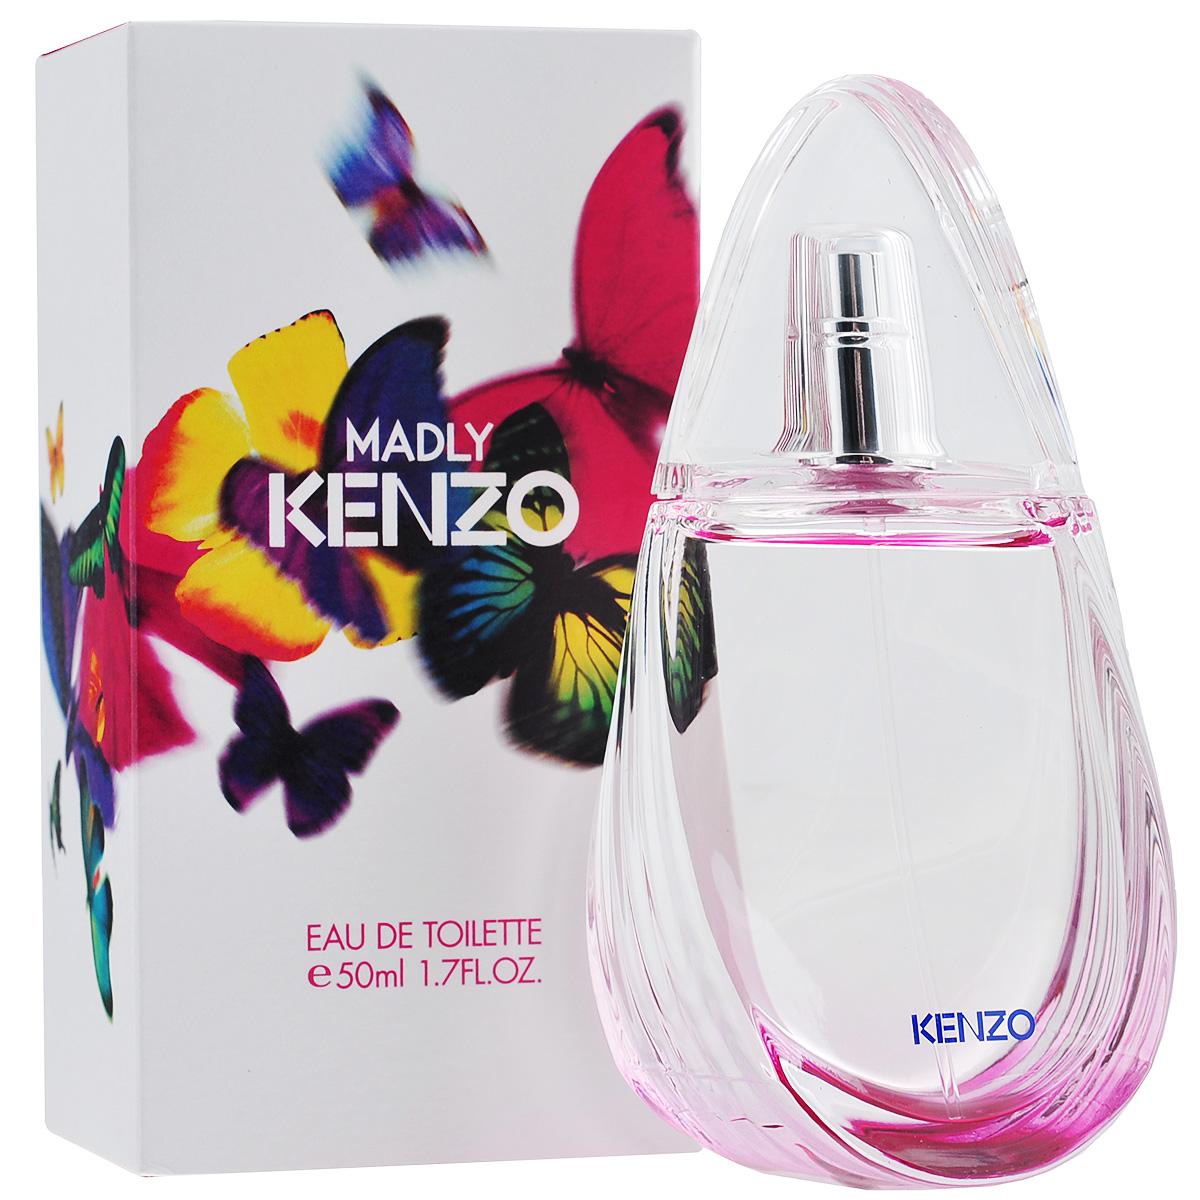 Kenzo Туалетная вода Madly, женская, 50 мл